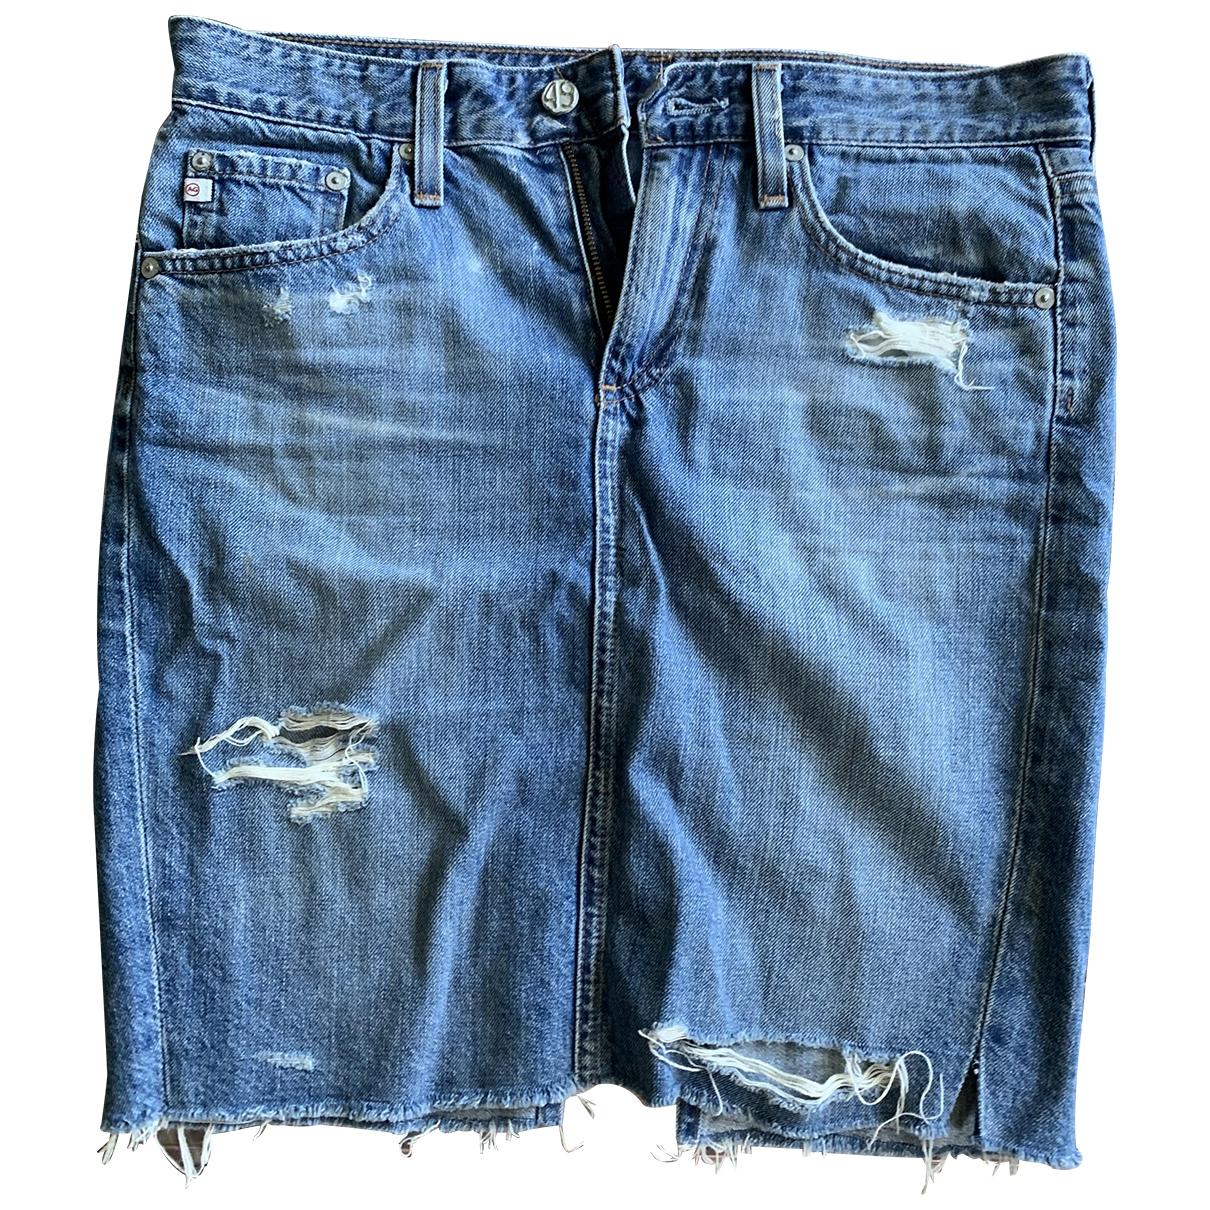 Adriano Goldschmied \N Rocke in  Blau Denim - Jeans